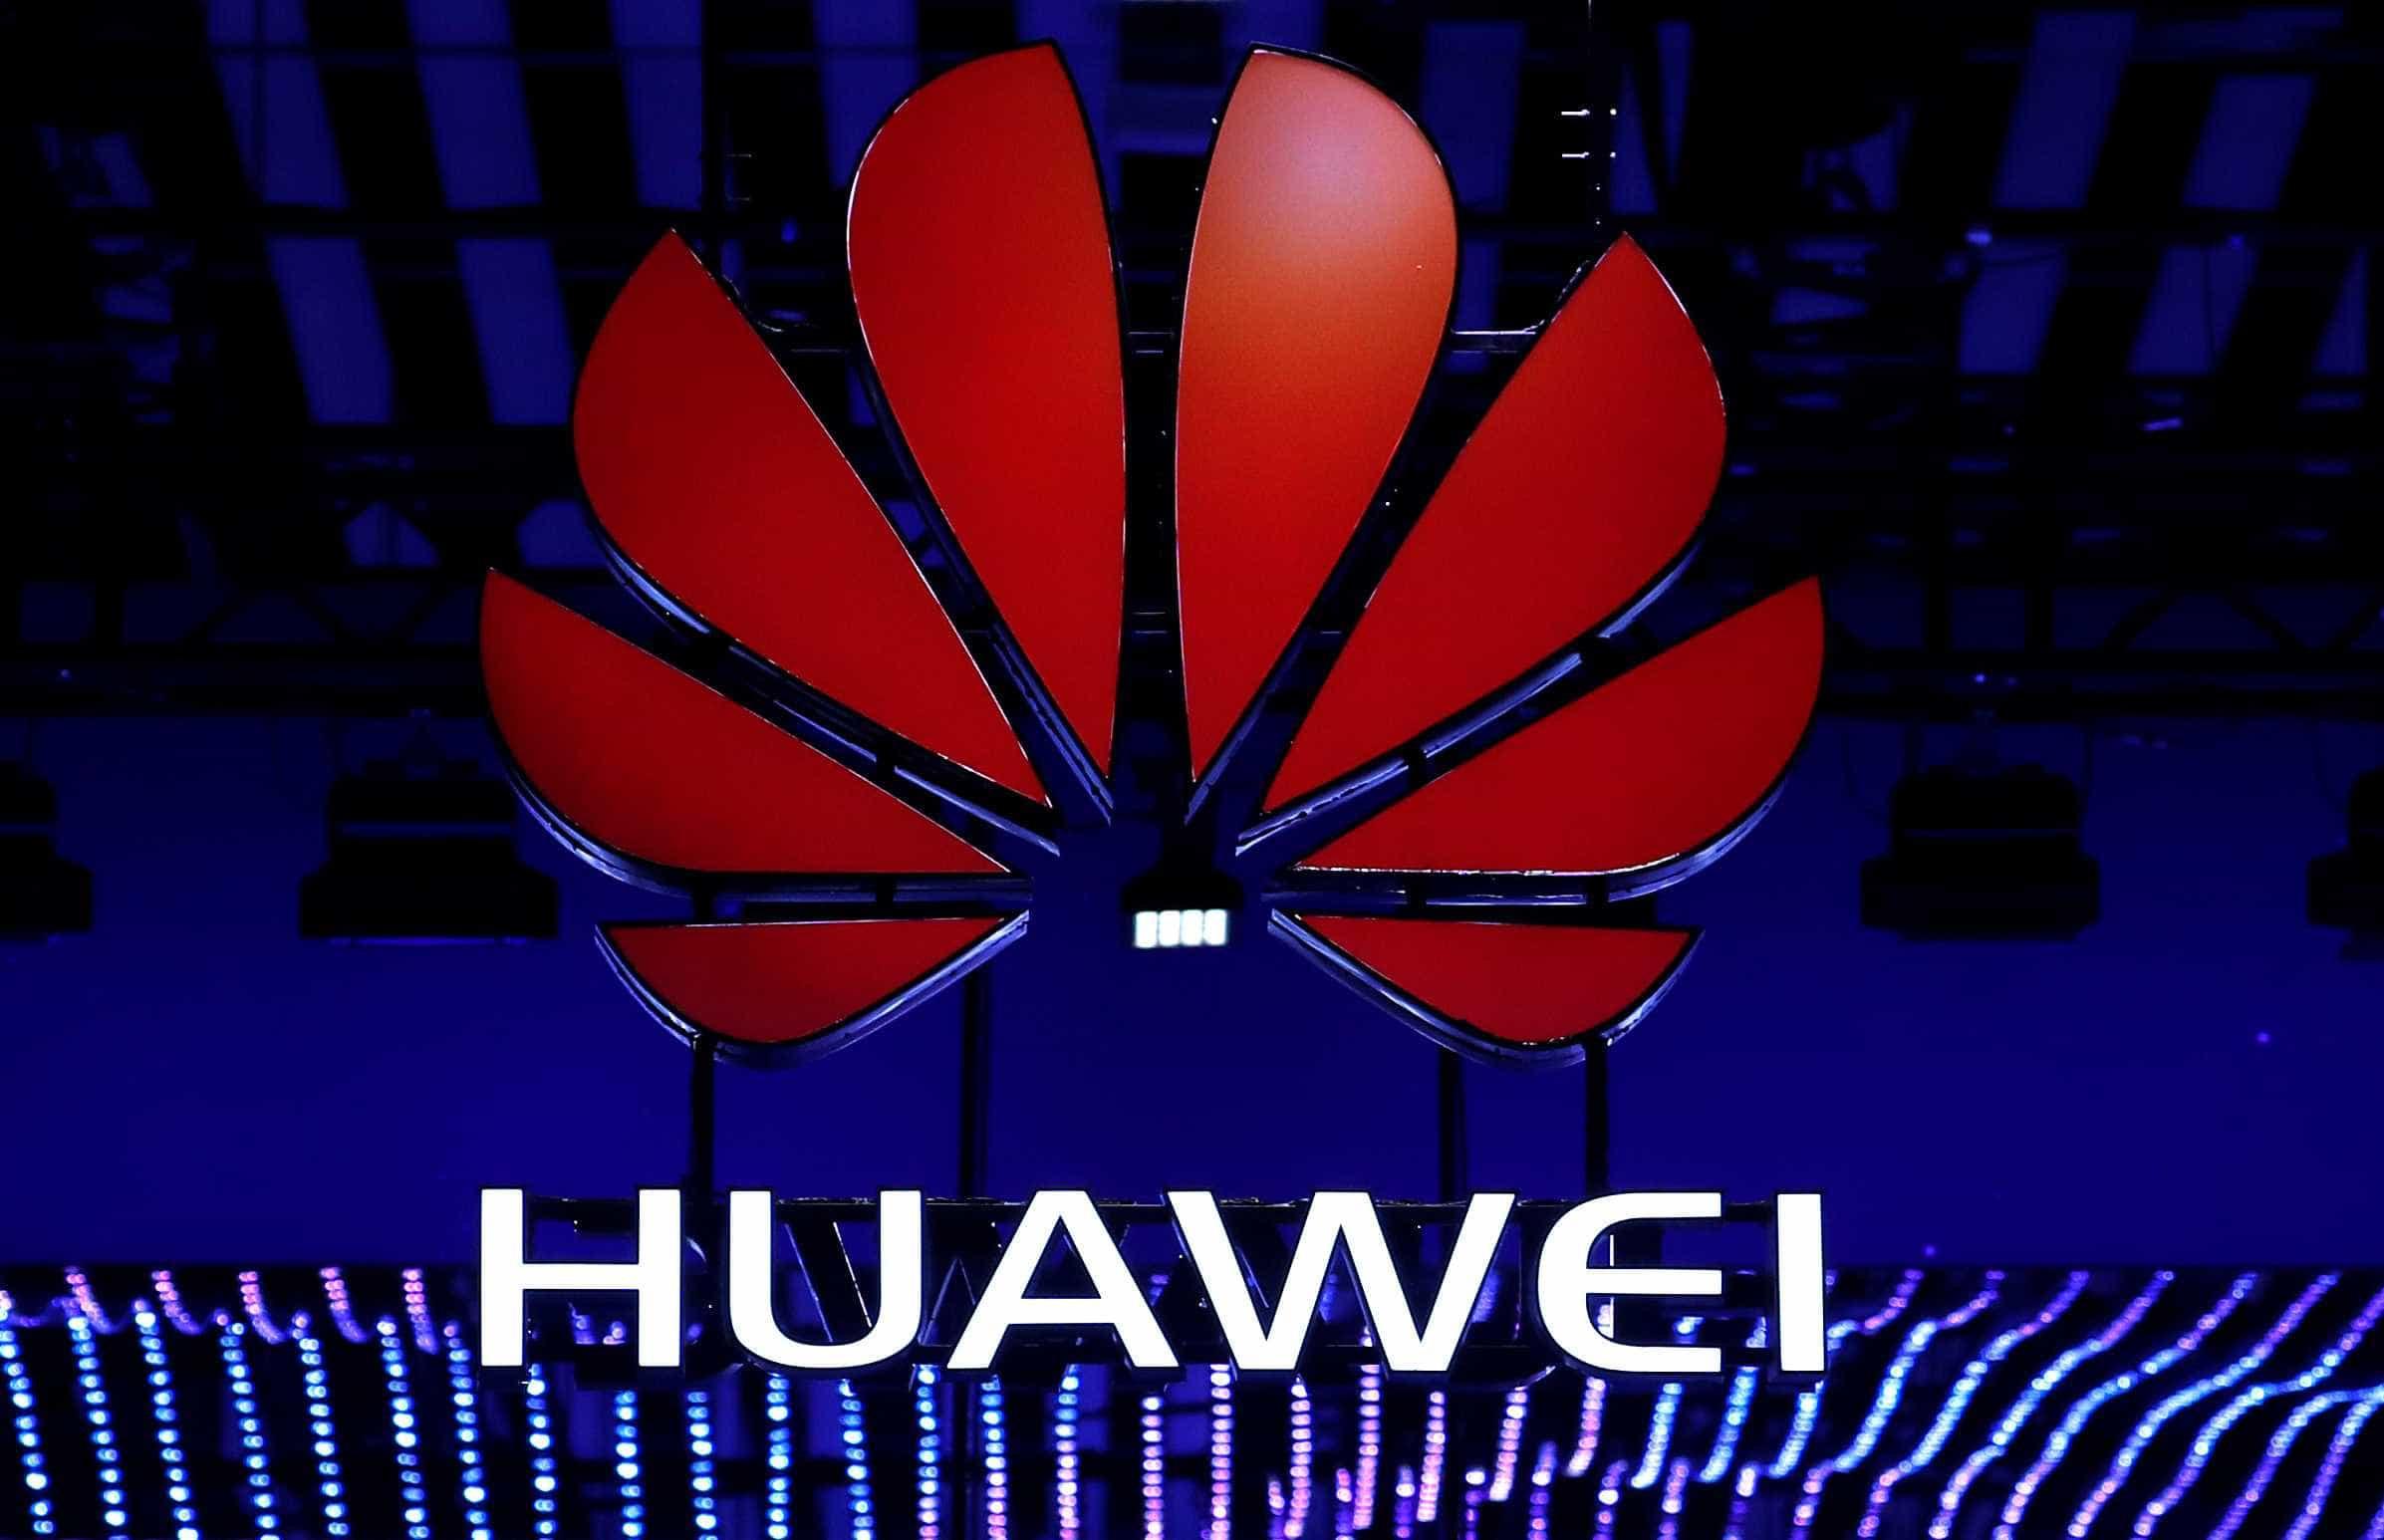 Huawei volta a lançar celulares no País após 4 anos